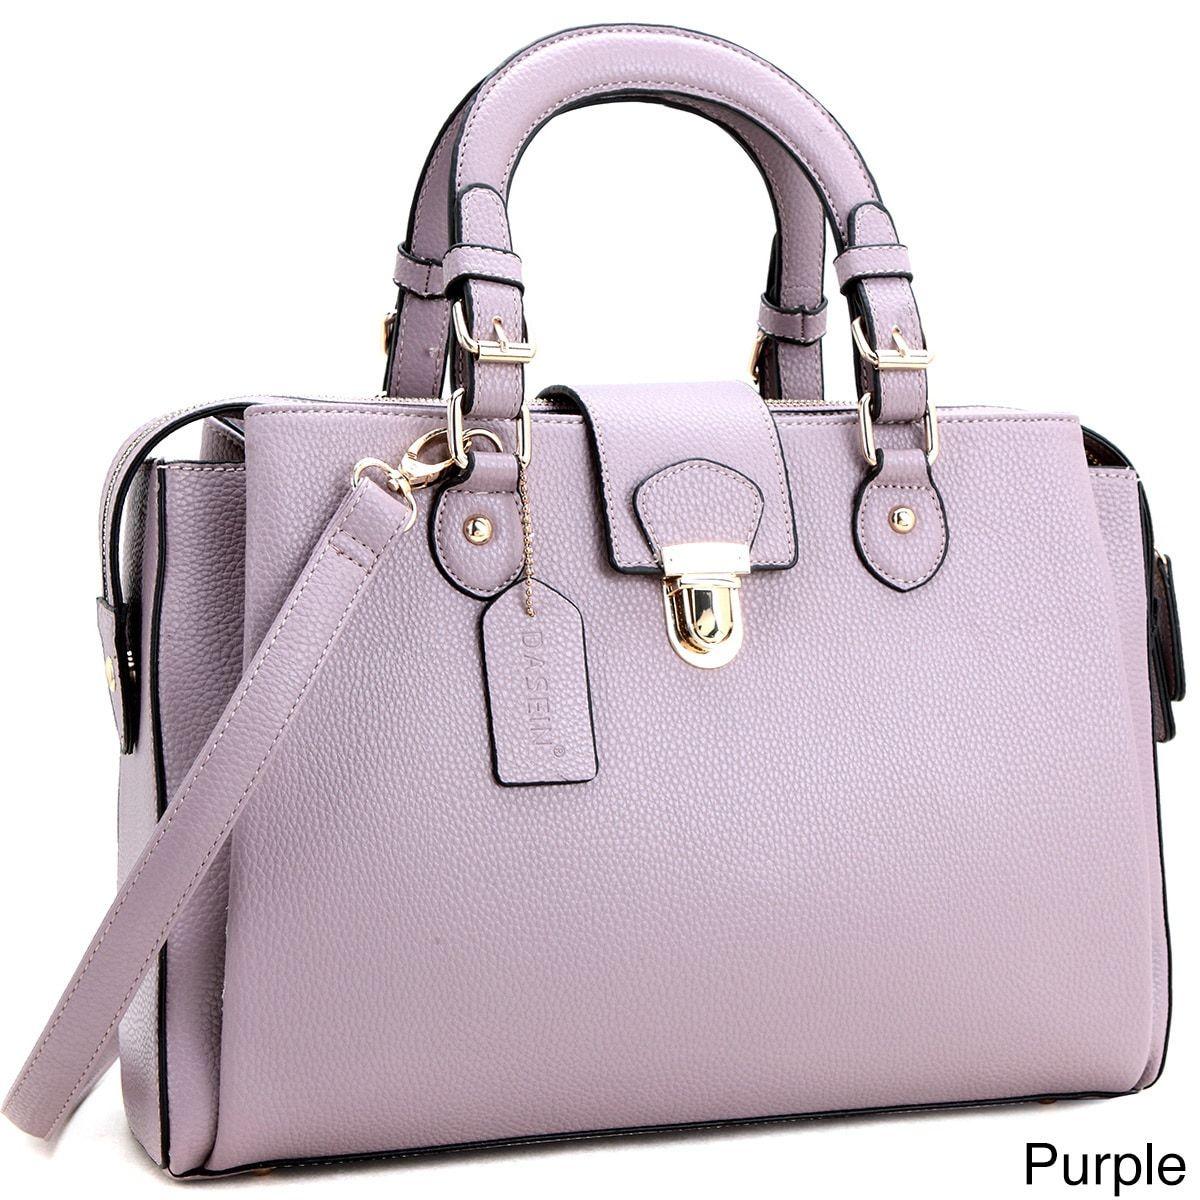 Dasein Front Snap Lock Satchel Crossbody Handbag Women S 4 Inch Handle Drop Length